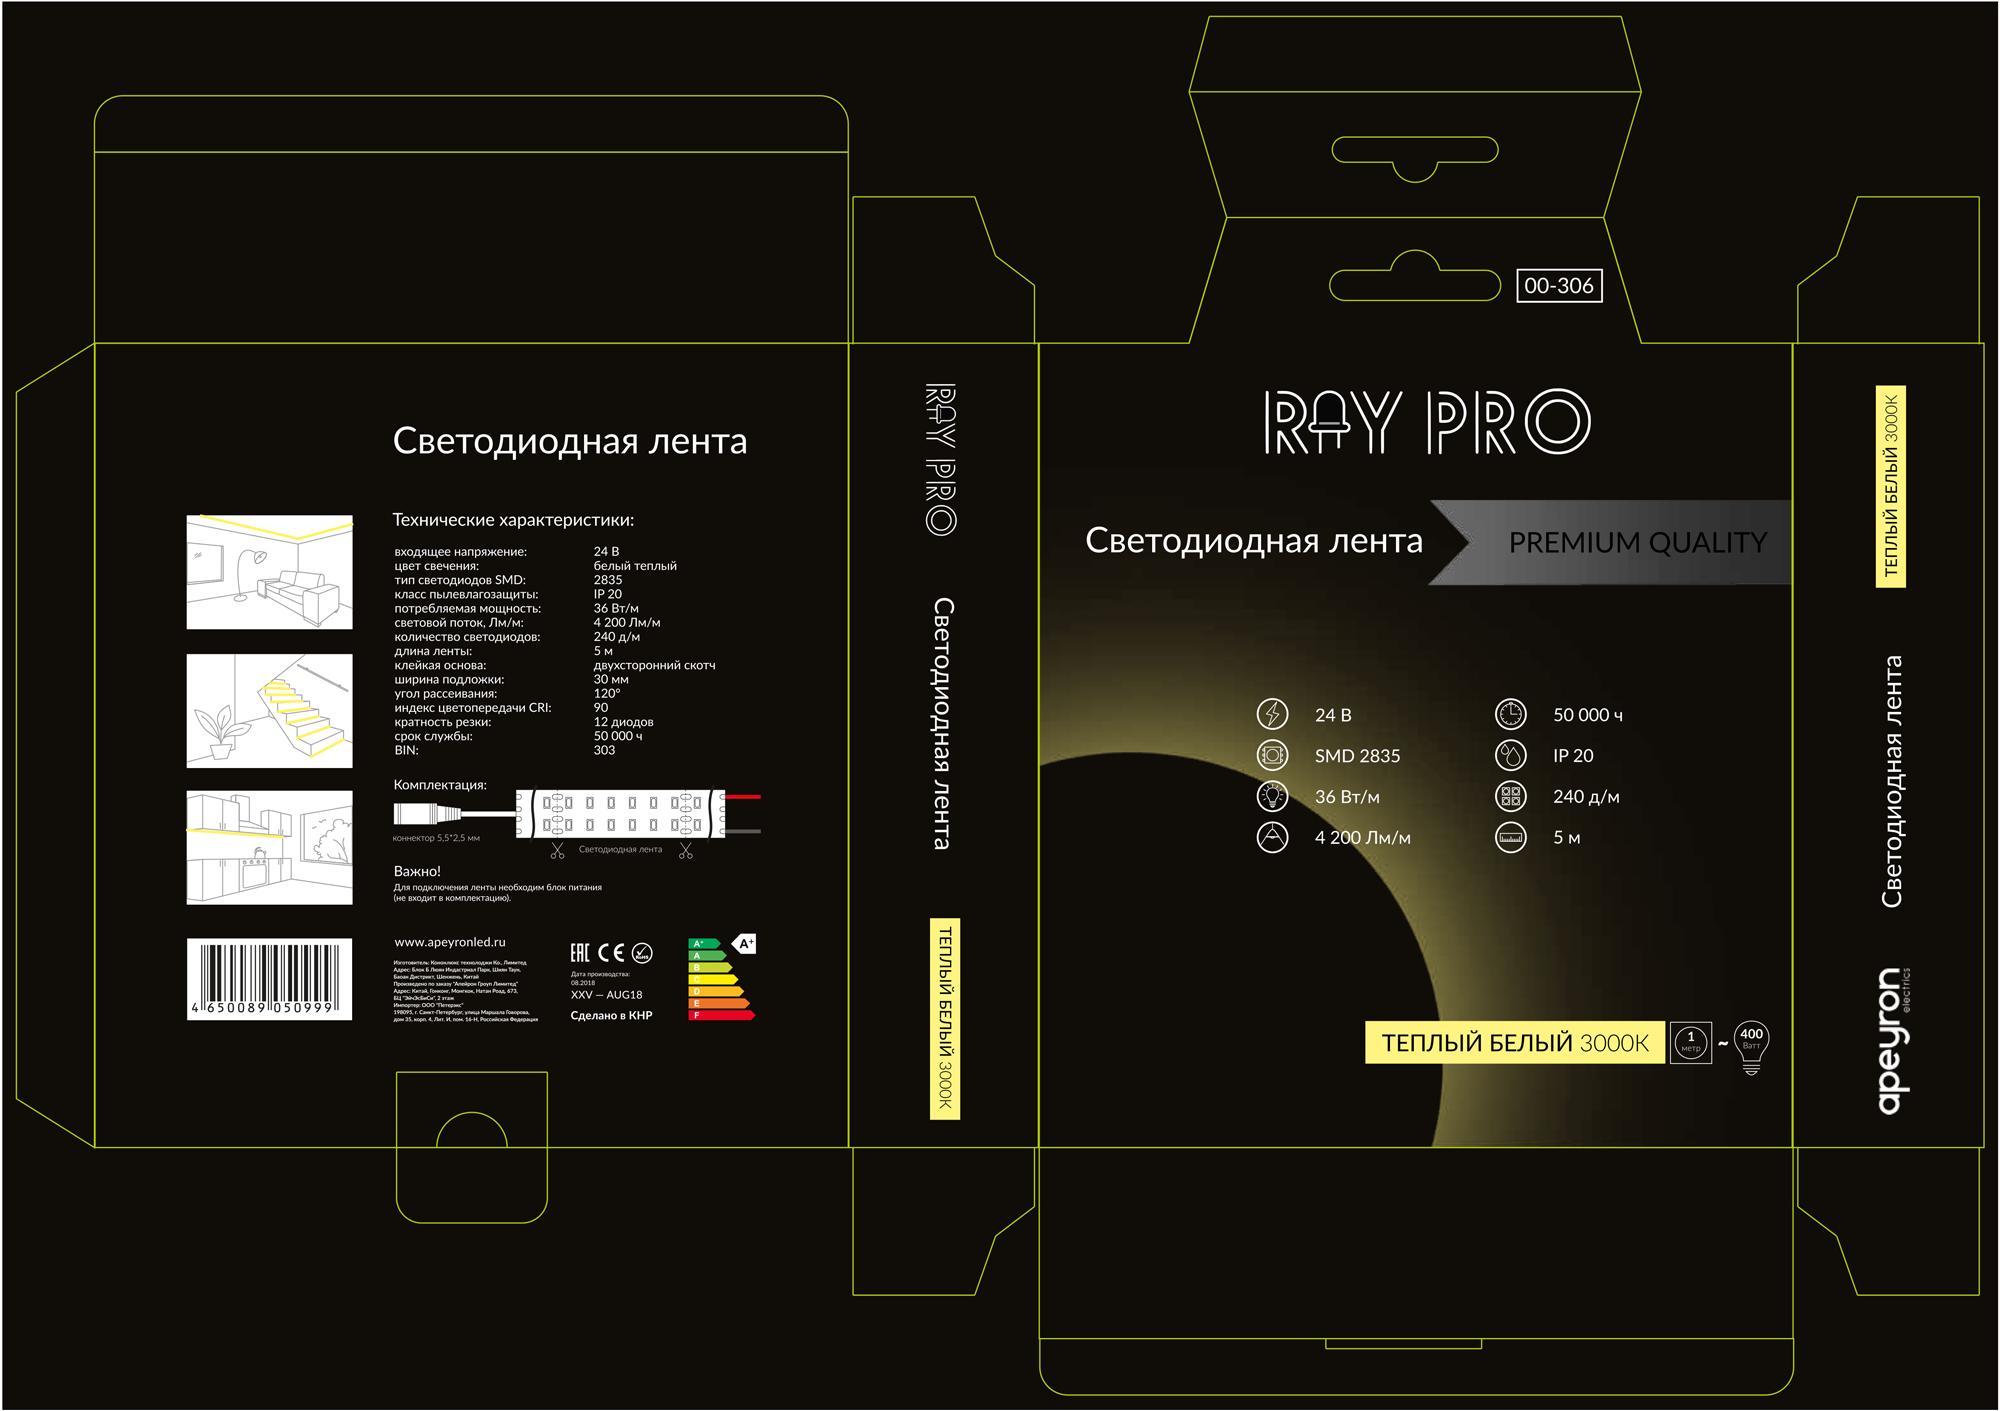 Разработка логотипа (продукт - светодиодная лента) фото f_9915bbf93e0bffd8.png